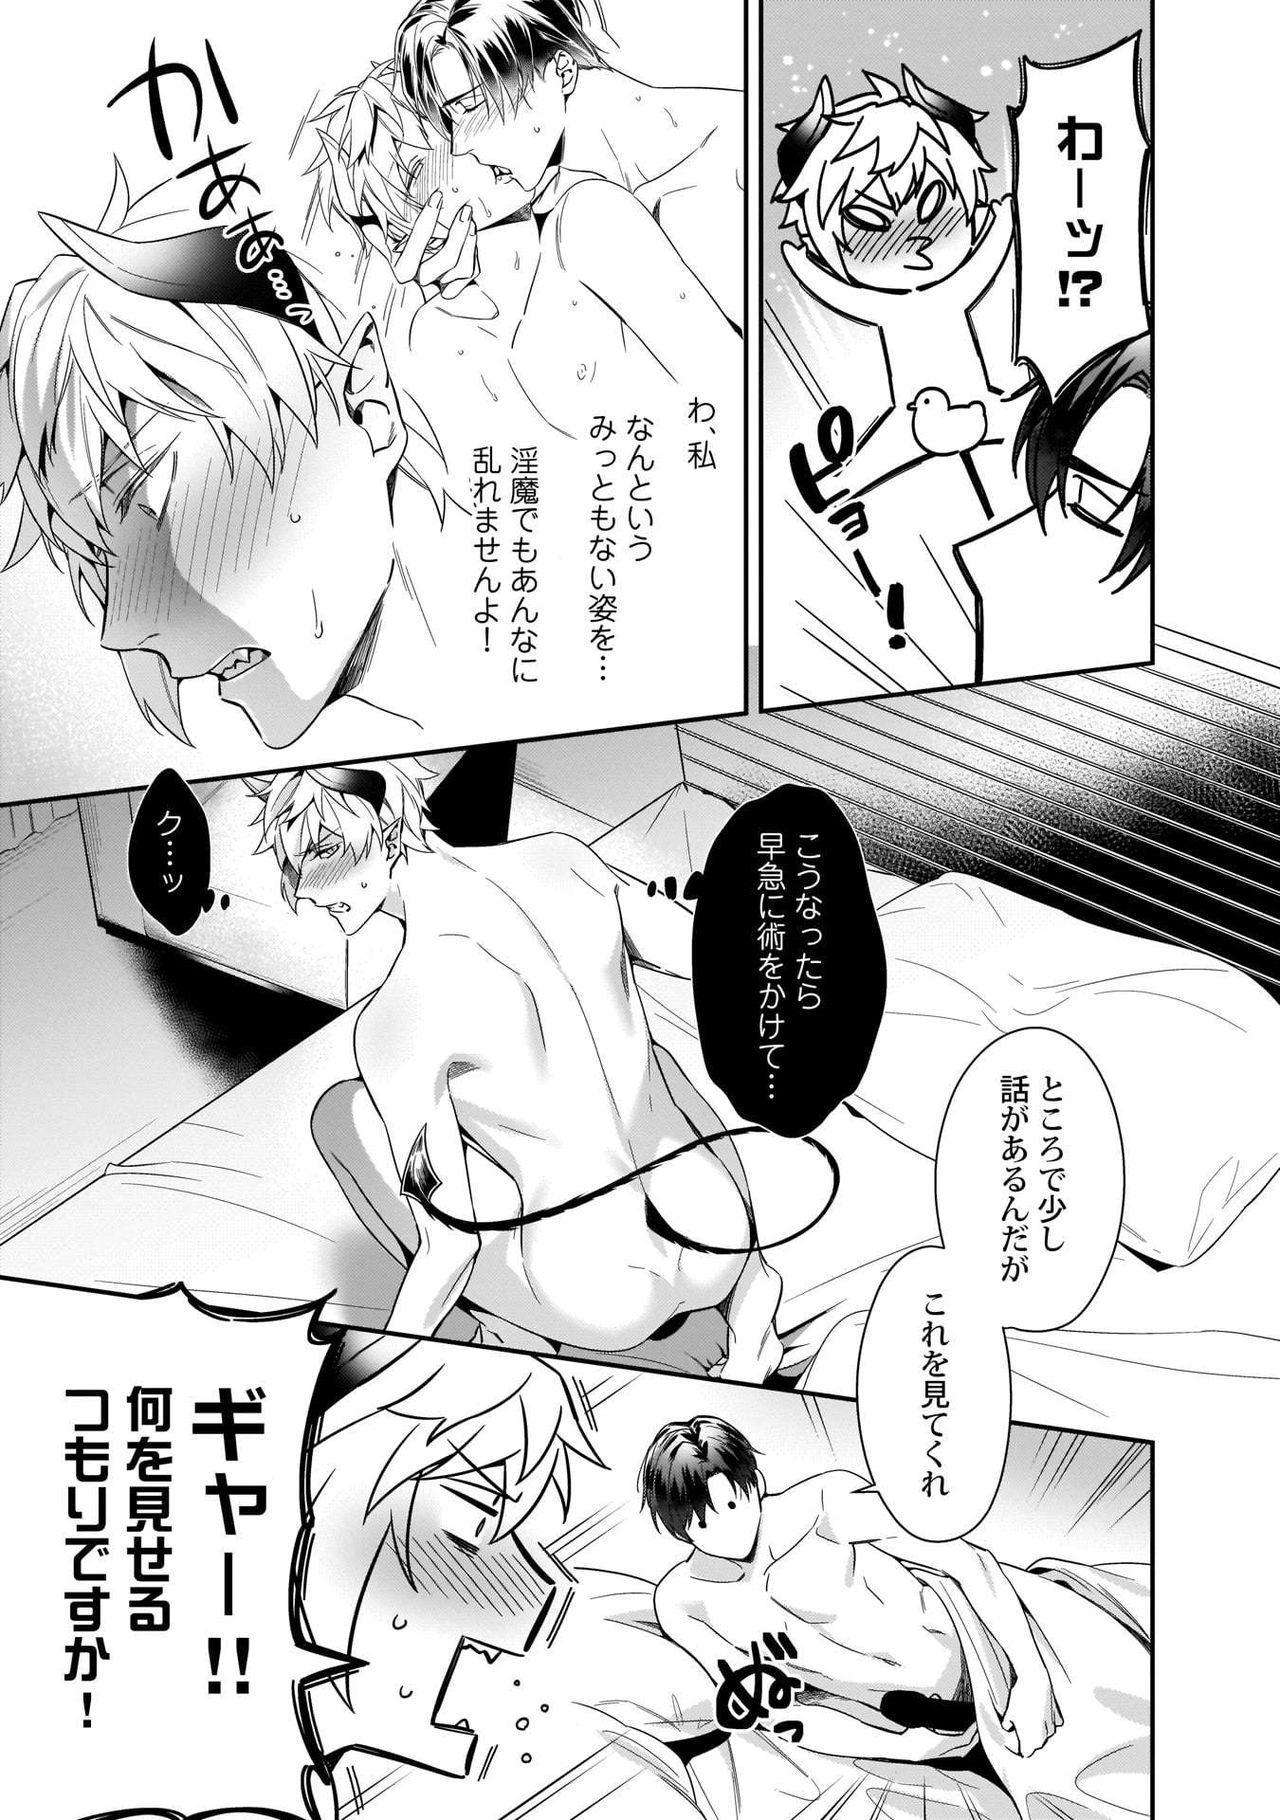 Torokeru kaikan sokuochi akuma 1-2 26